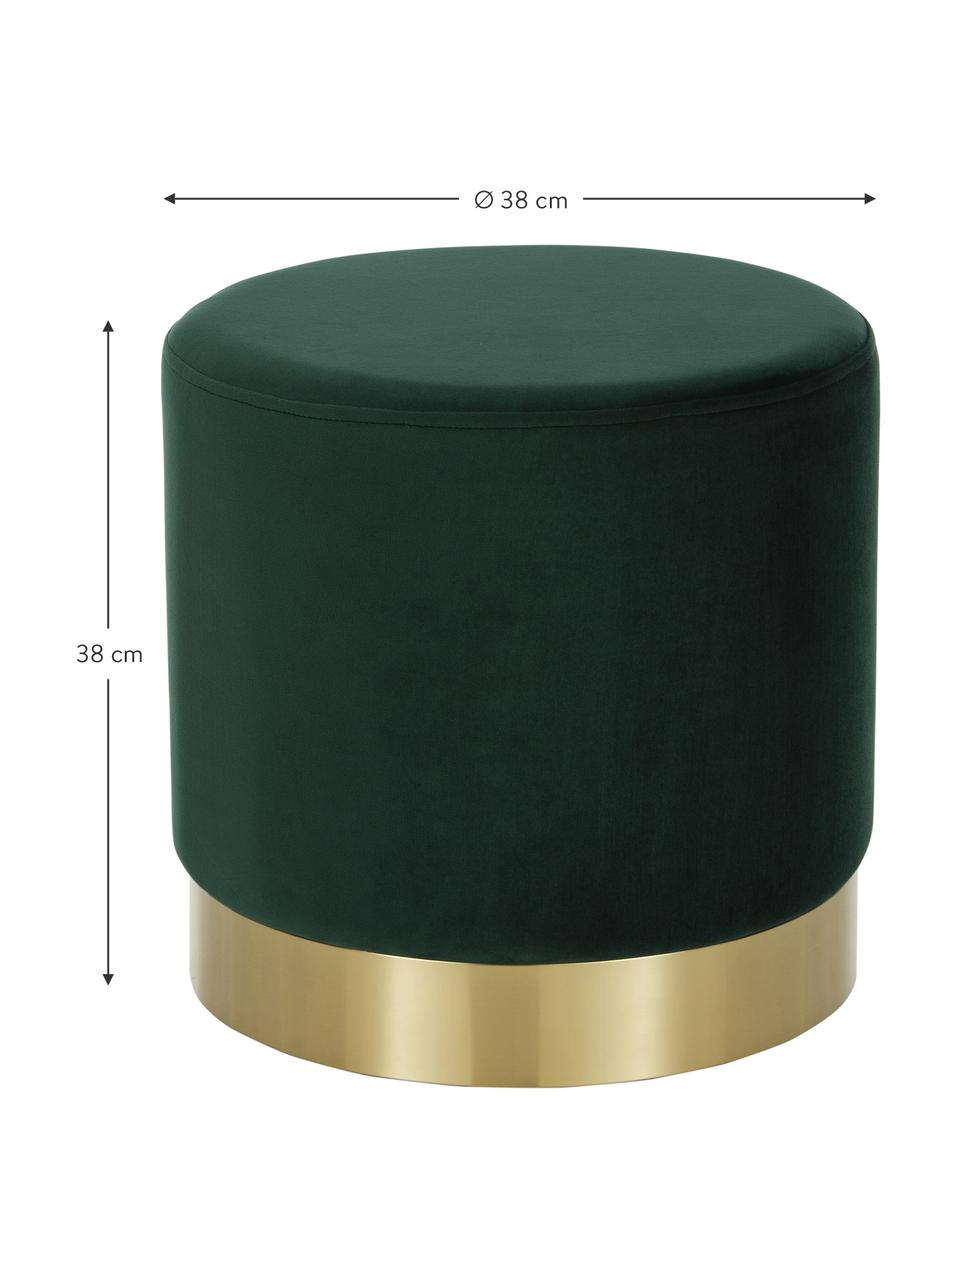 Pouf in velluto verde Orchid, Rivestimento: velluto (100% poliestere), Struttura: compensato, Velluto verde, dorato, Ø 38 x Alt. 38 cm